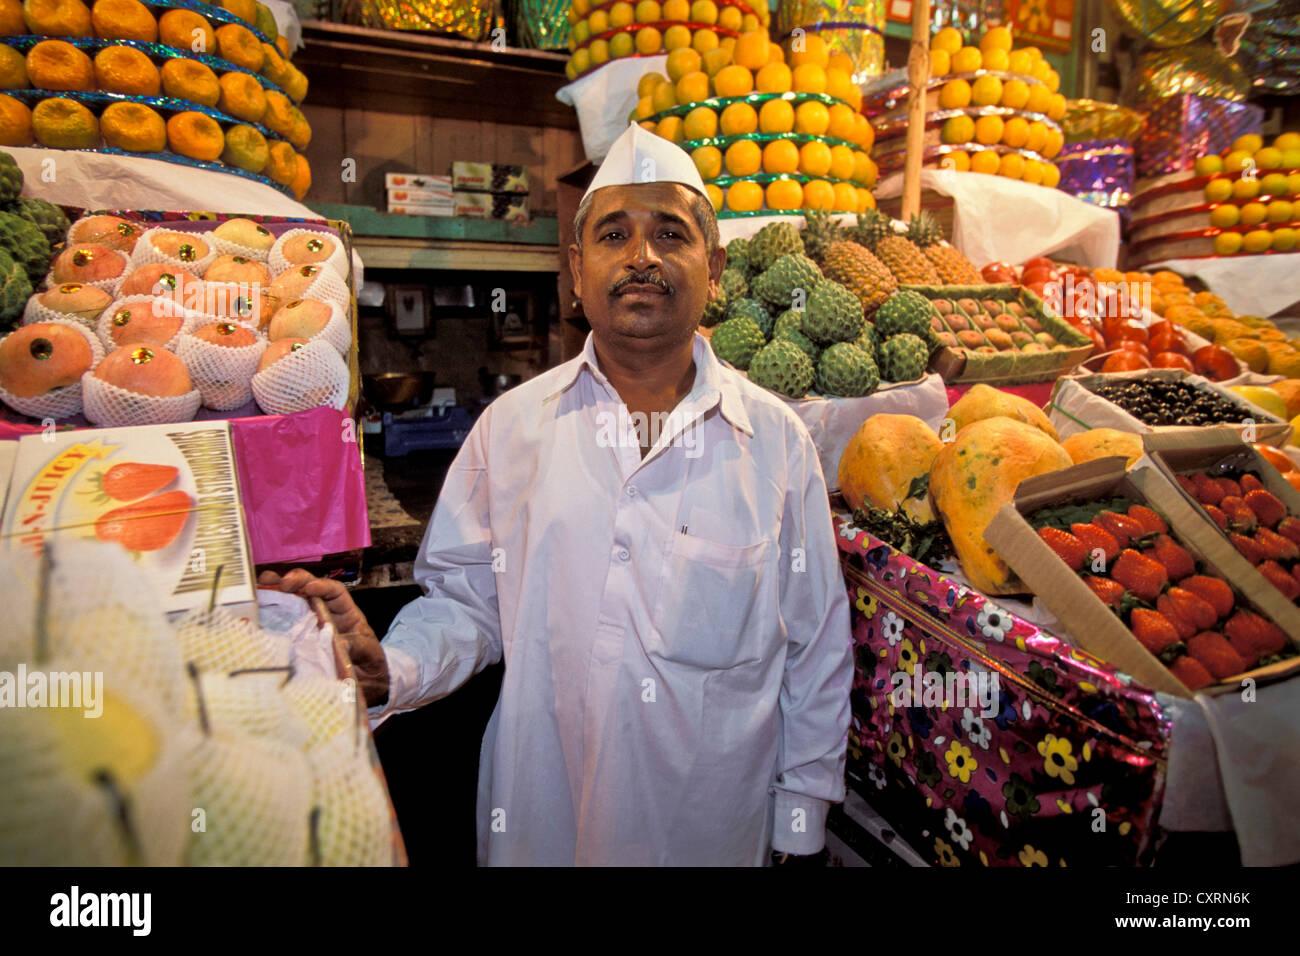 Fruit vendor, fruit stand, Crawford Market, Bombay or Mumbai, Maharashtra, India, South Asia, Asia - Stock Image